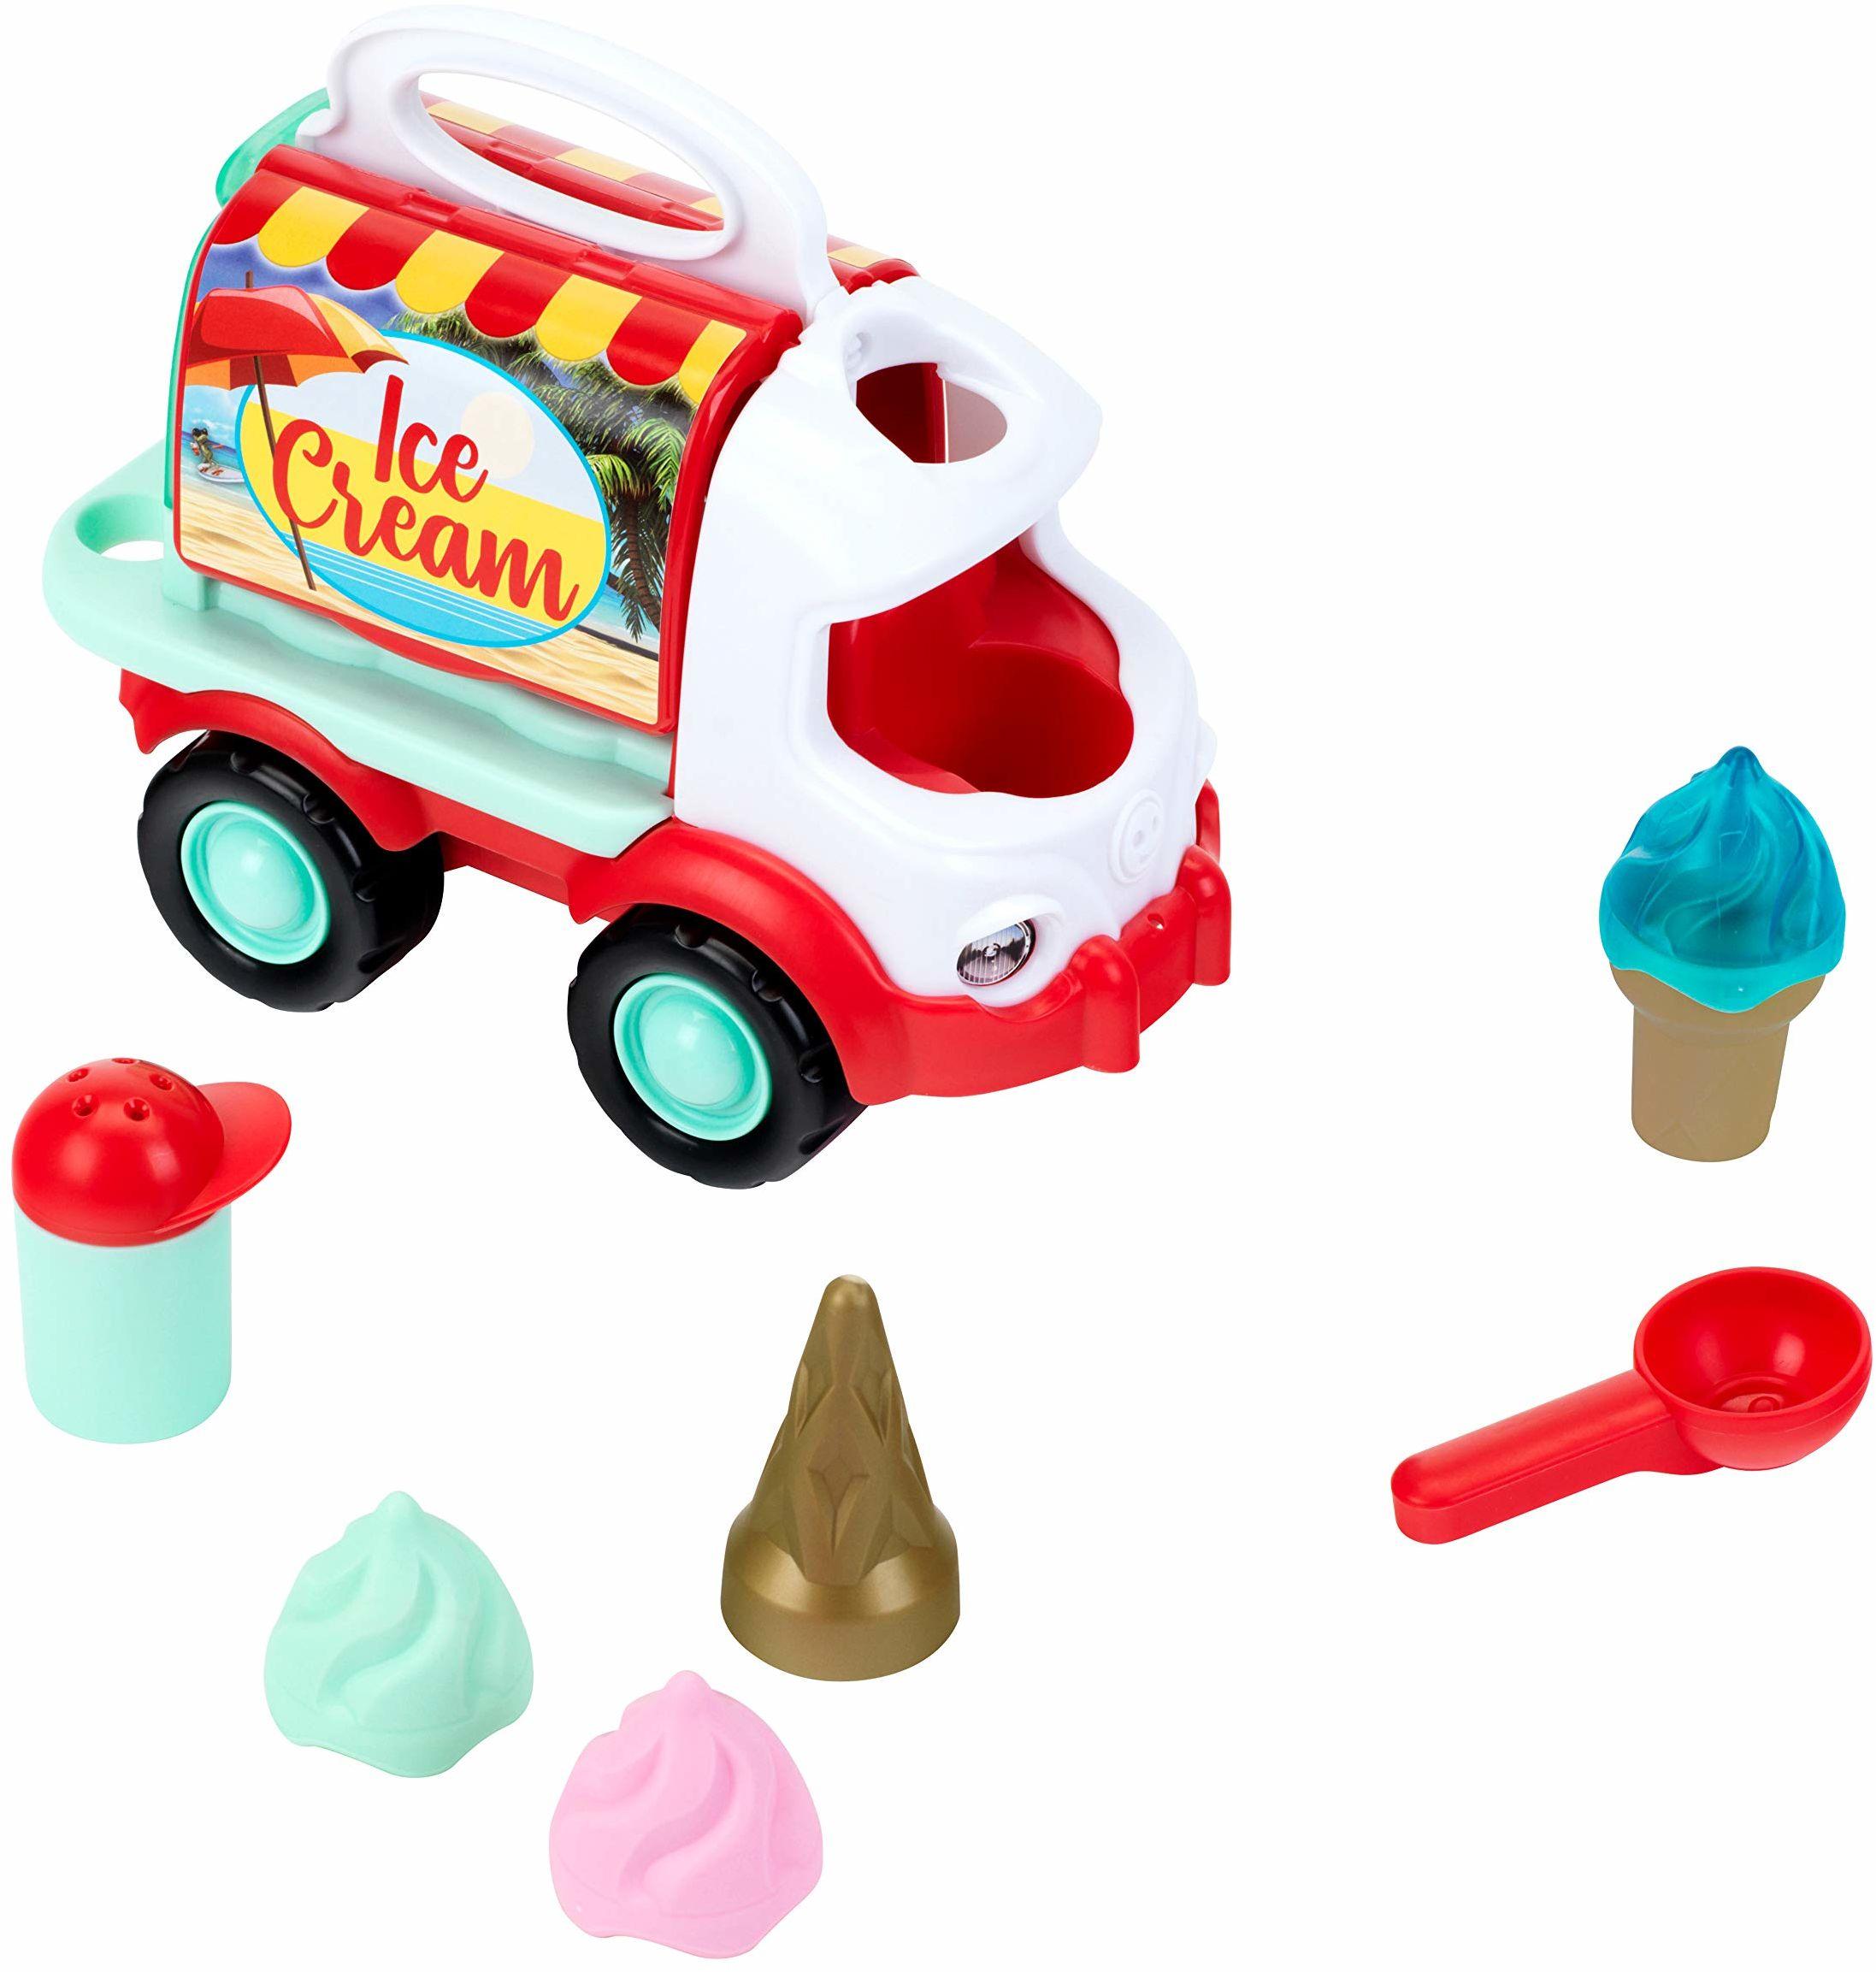 Theo Klein 2367 Beach Picnic wózek na lody dla dzieci od 18 miesięcy